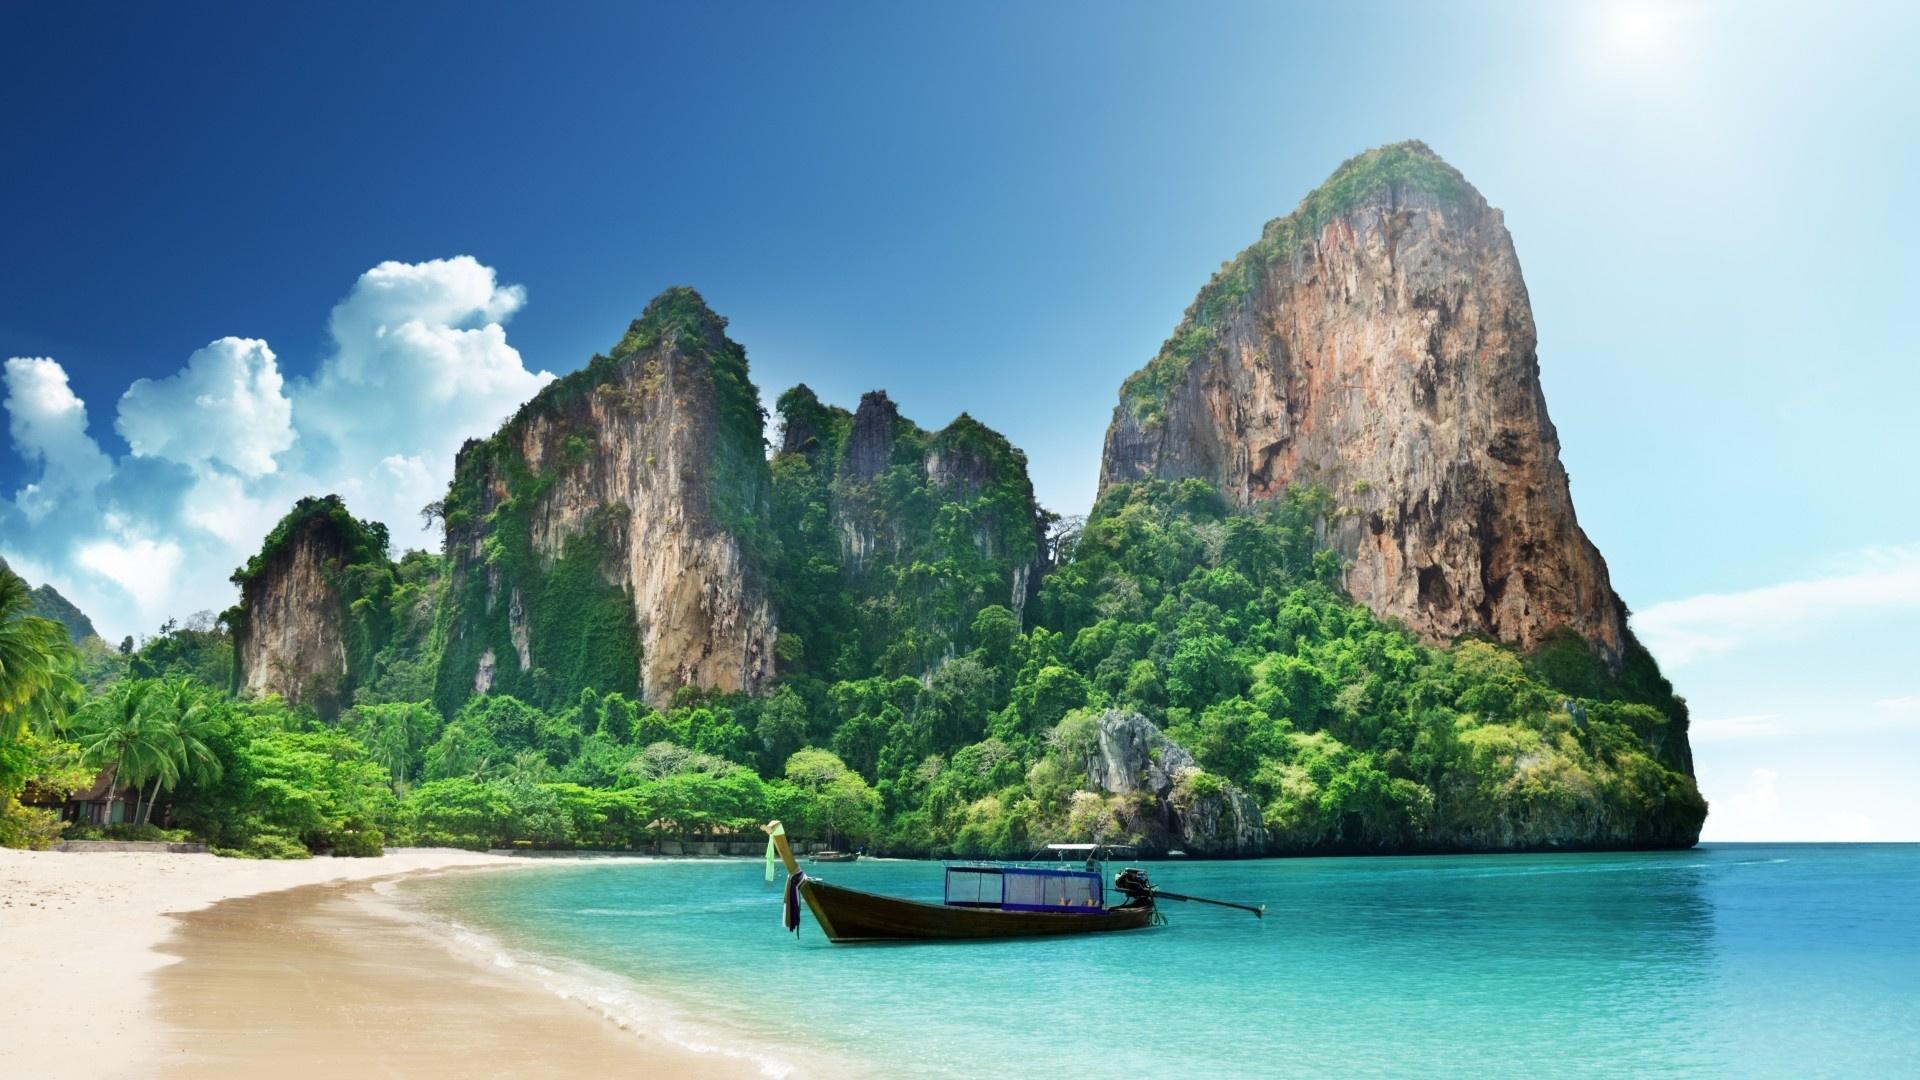 بالصور اجمل الاماكن السياحيه في تايلاند بالصور 20160716 3075